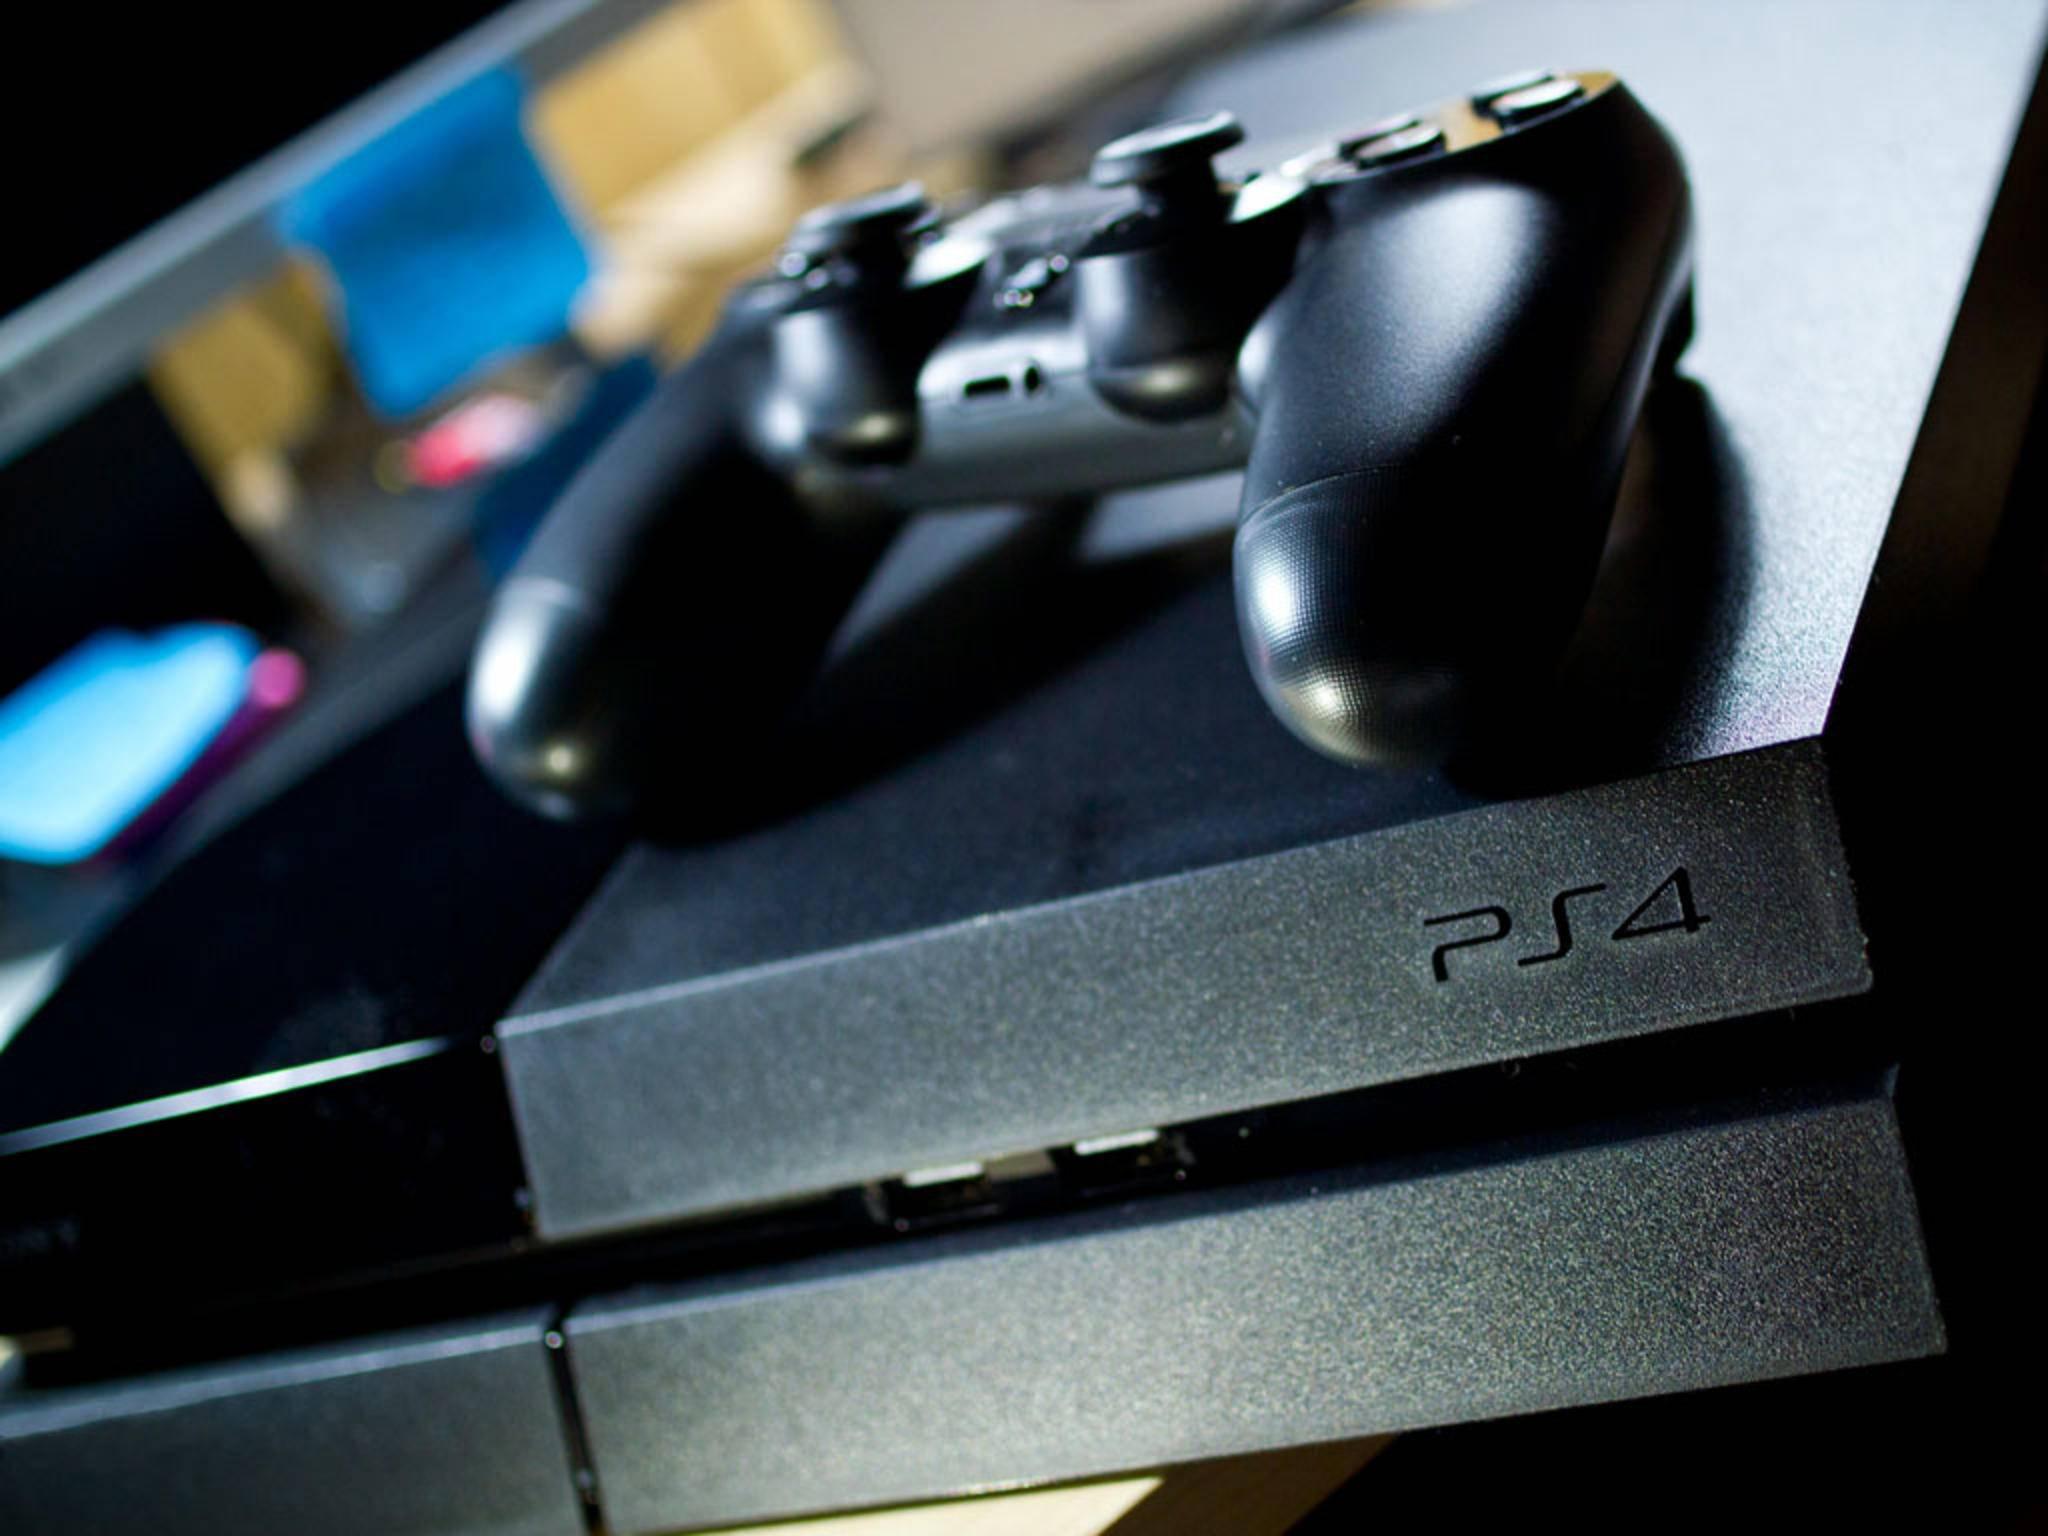 Steam-Games laufen erstmals auf einer PS4 – für normale Nutzer ist das aber zu kompliziert.